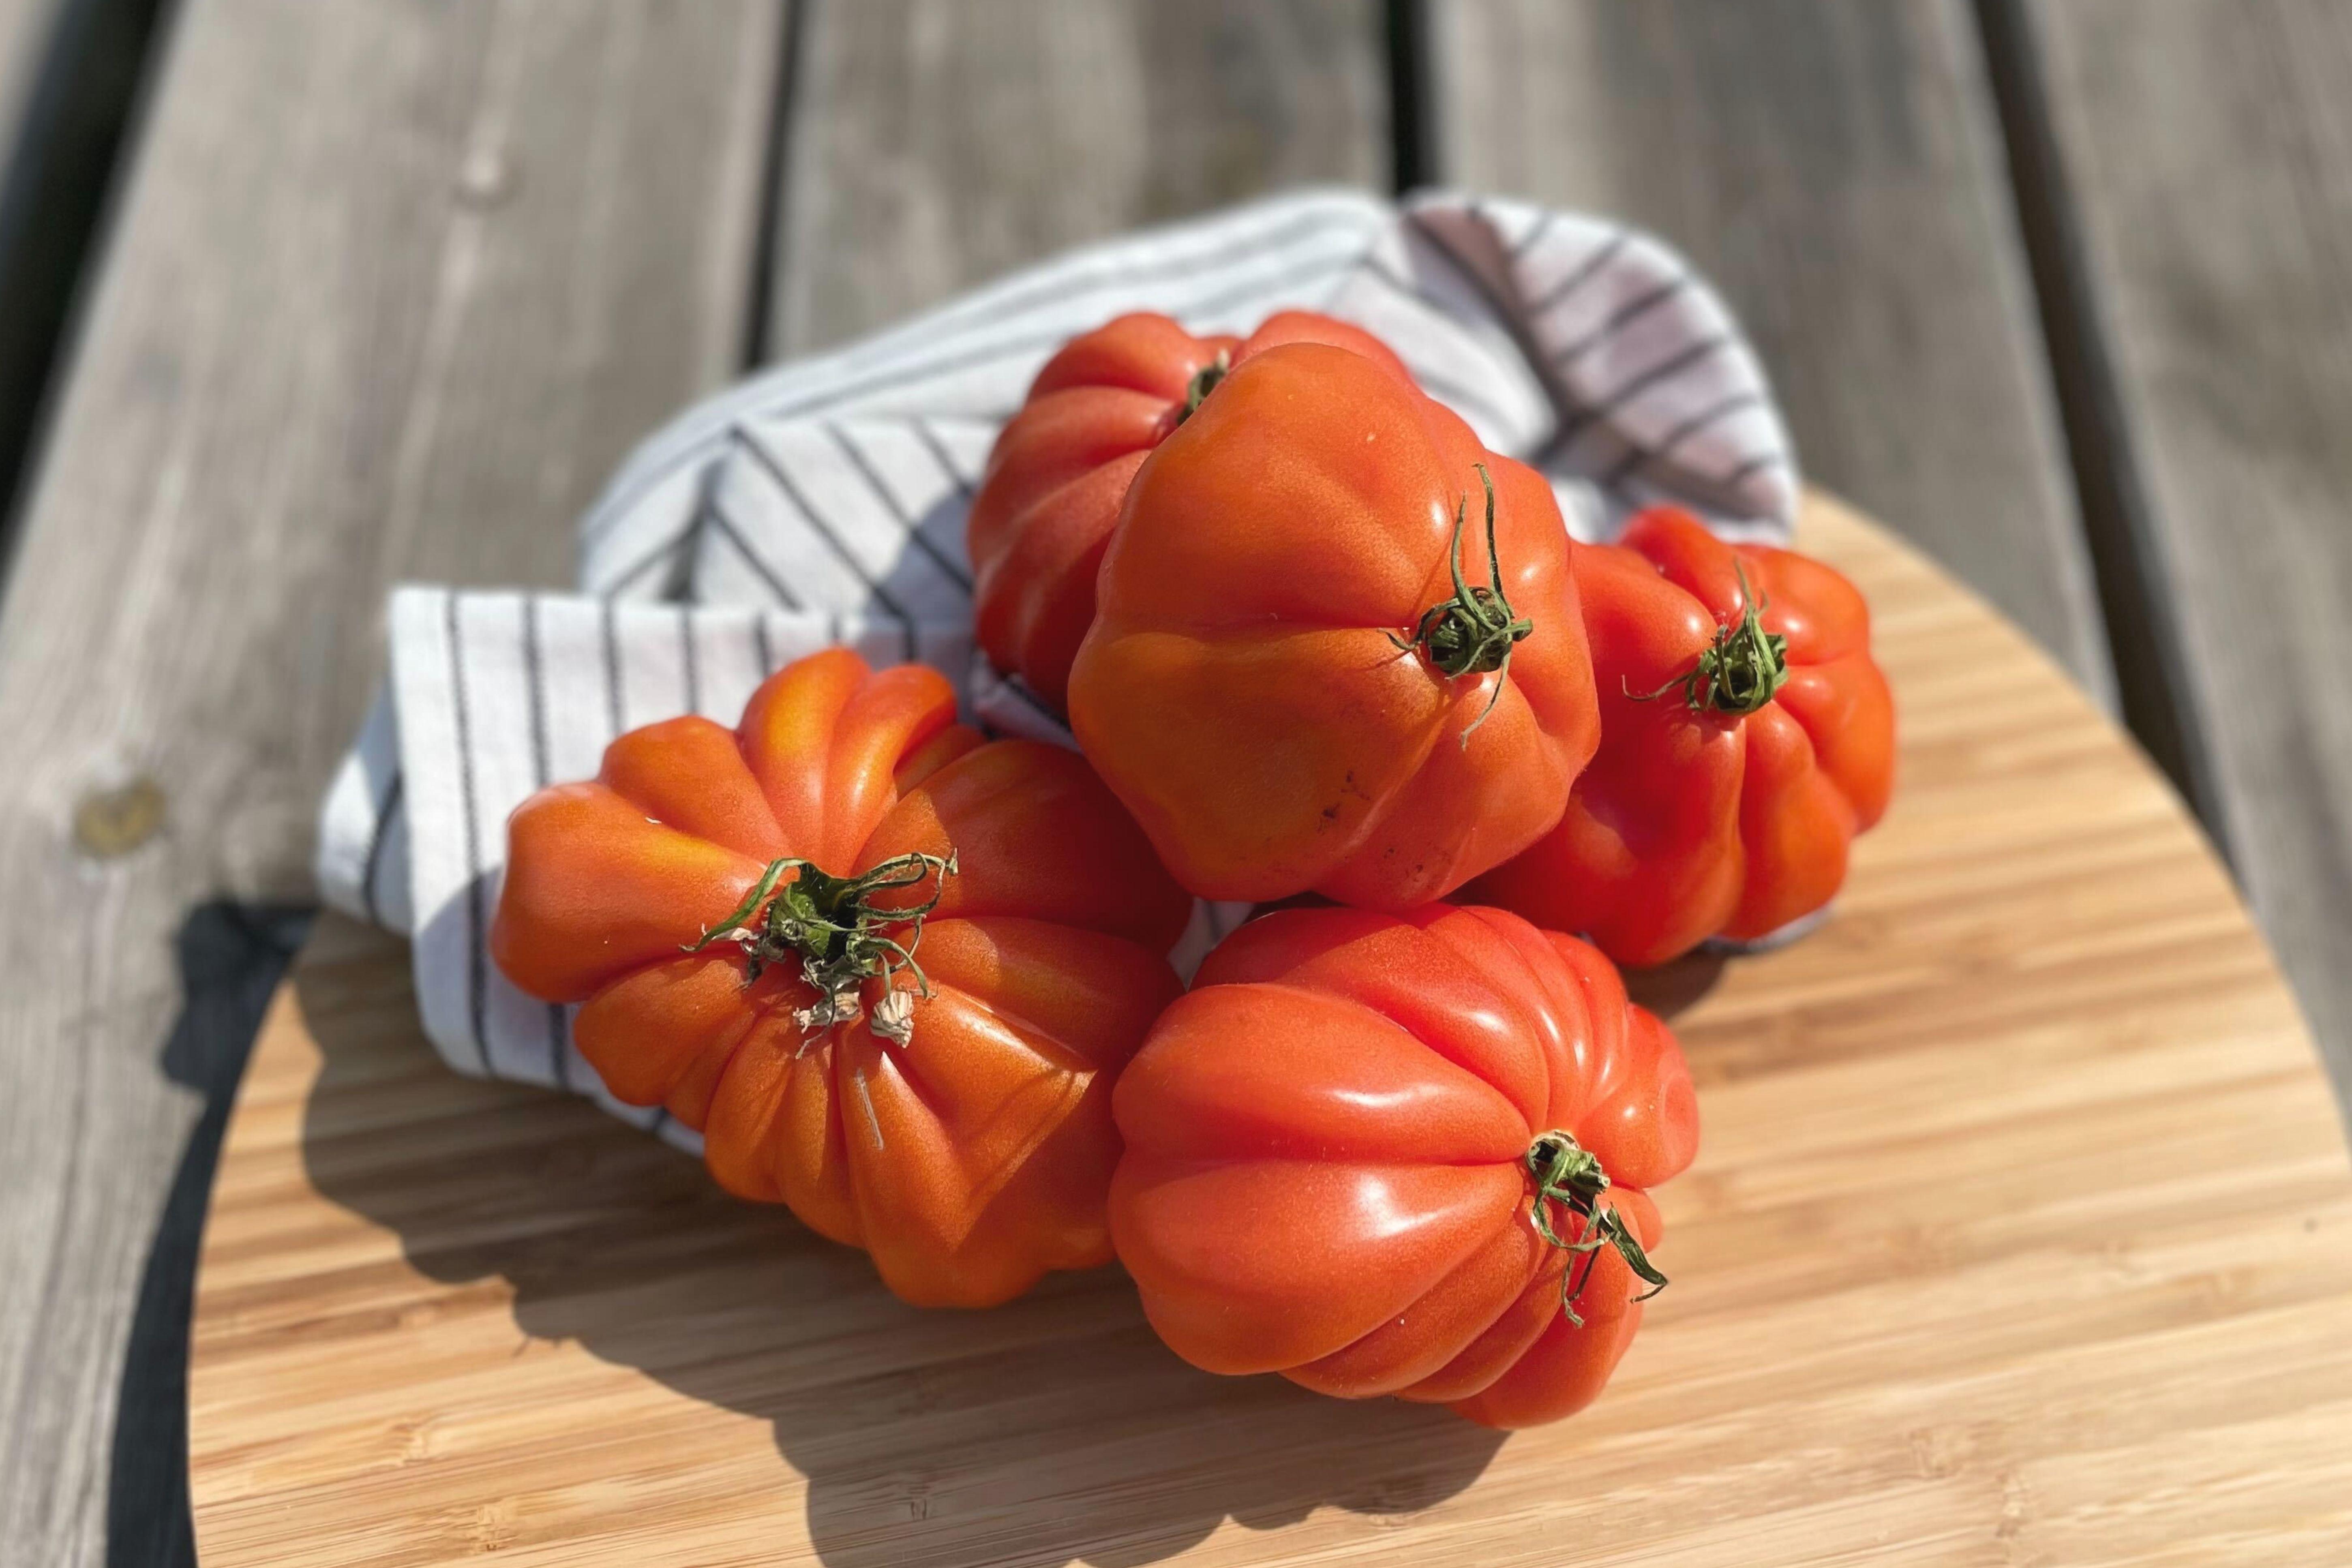 Bio Tomates Coeur de boeuf Coop. Interbio